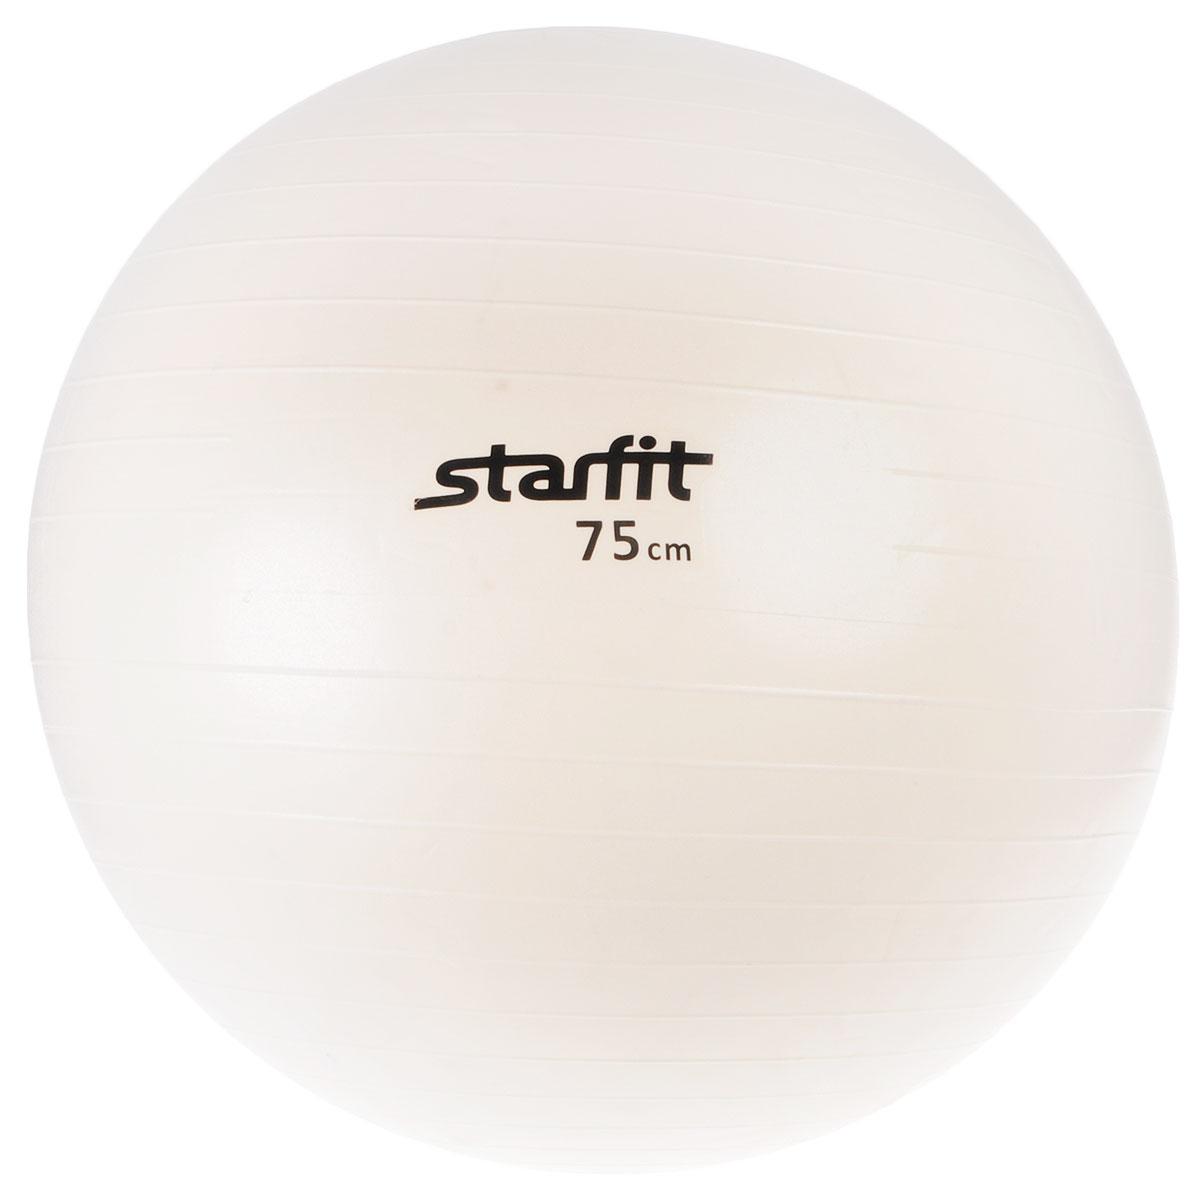 Мяч гимнастический Starfit, антивзрыв, с насосом, цвет: белый, диаметр 75 смУТ-00008863С помощью гимнастического мяча Star Fit можно тренировать все мышцы тела, правильно выстроив тренировочный процесс и используя его как основной или второстепенный снаряд (создавая за счет него лишь синергизм действия, а не основу упражнения) для упражнения. Изделие выполнено из прочного ПВХ.Гимнастический мяч - это один из самых популярных аксессуаров в фитнесе. Его используют и женщины, и мужчины в функциональном тренинге, бодибилдинге, групповых программах, стретчинге (растяжке). Максимальная нагрузка: 80 кг.УВАЖЕМЫЕ КЛИЕНТЫ!Обращаем ваше внимание на тот факт, что мяч поставляется в сдутом виде. Насос входит в комплект.